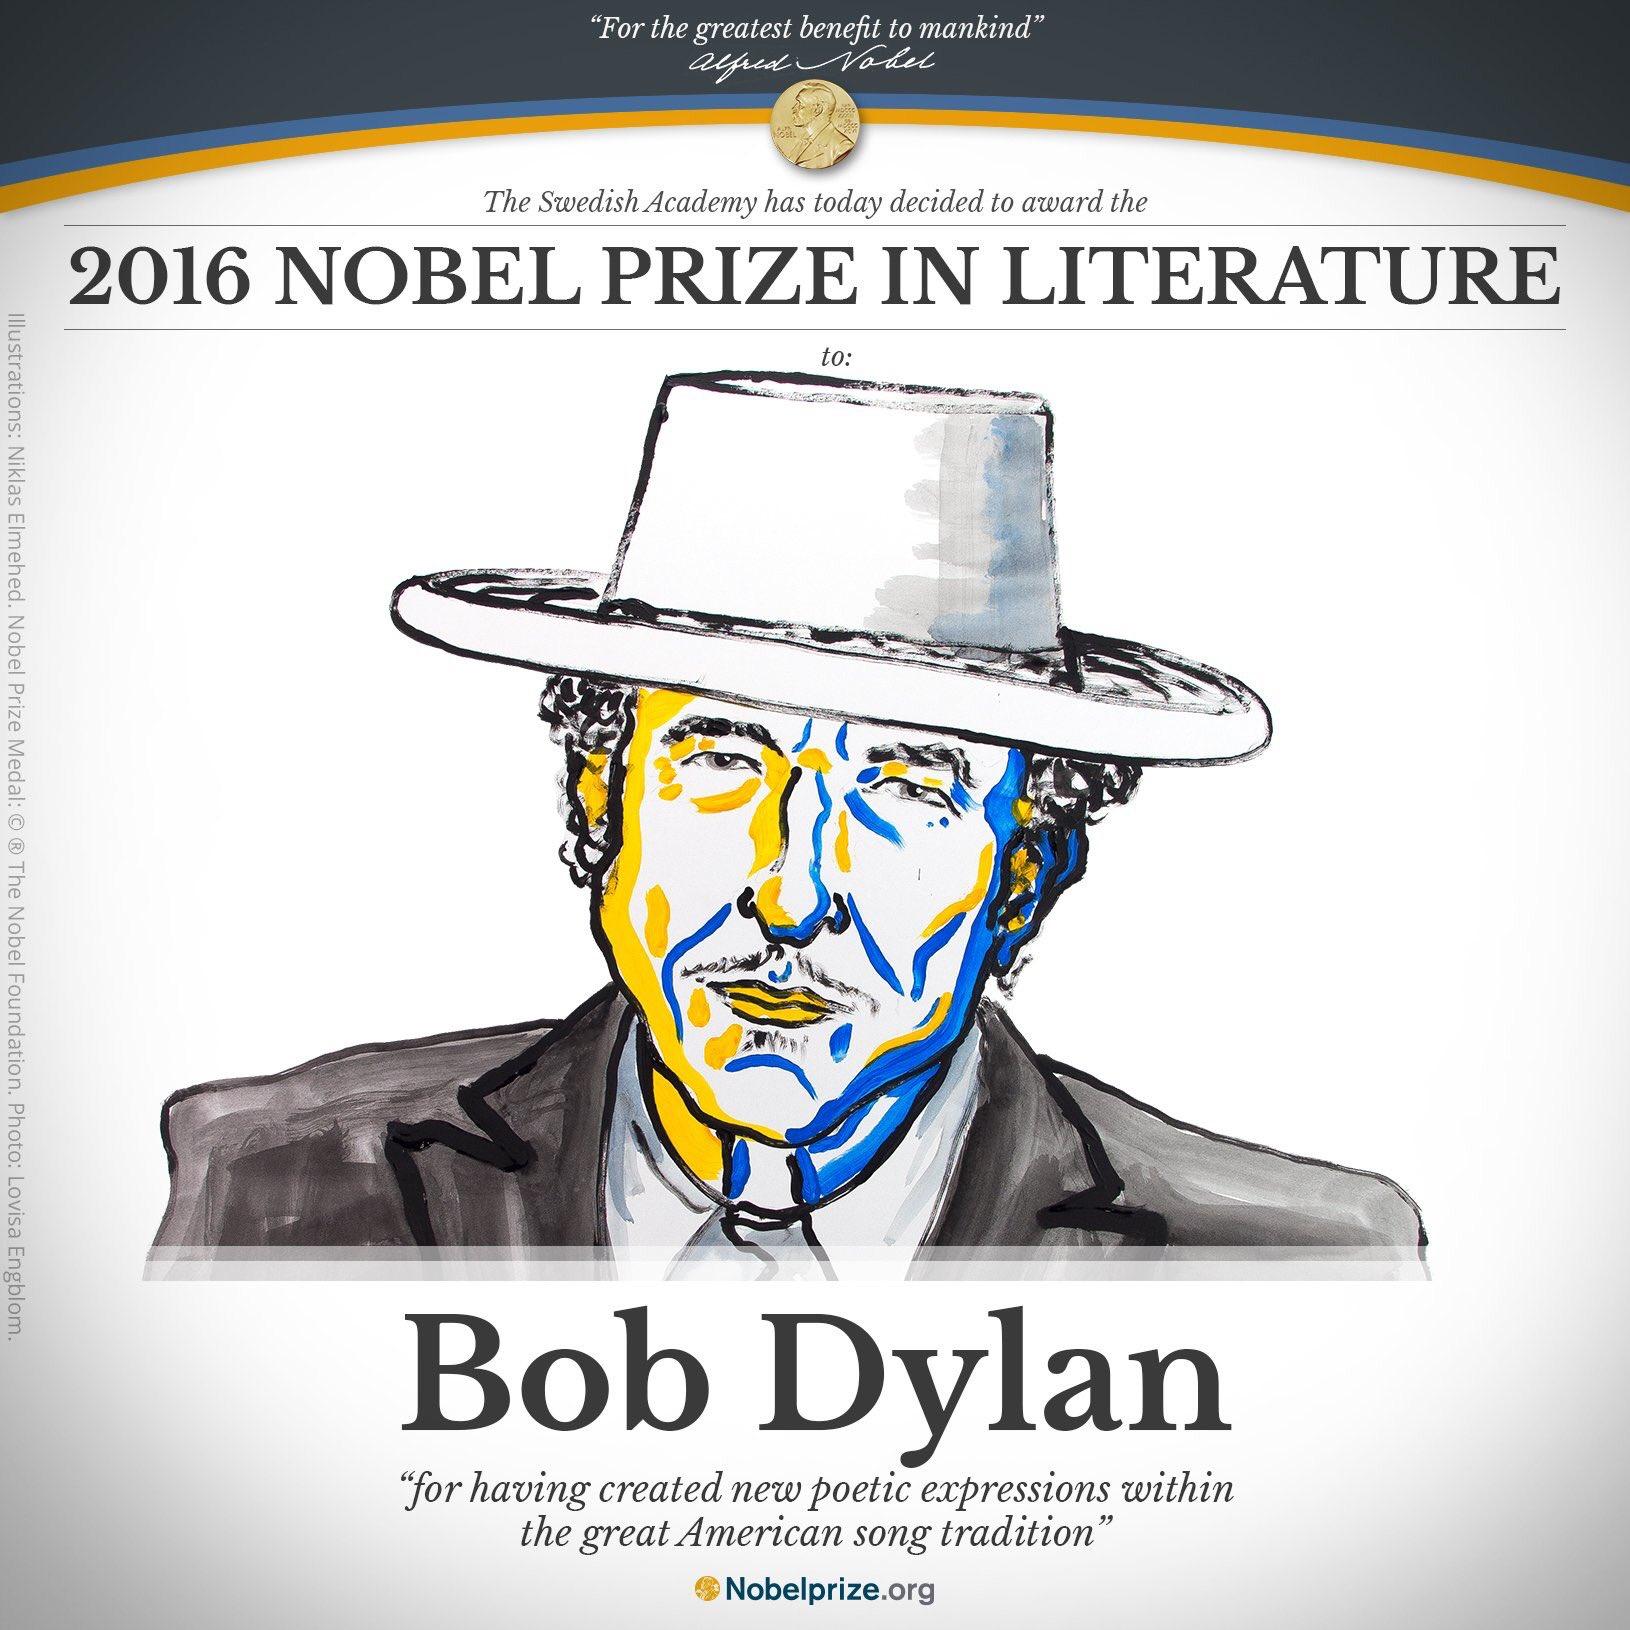 De nueva cuenta desplazan a Murakami, Bob Dylan es Nobel de Literatura